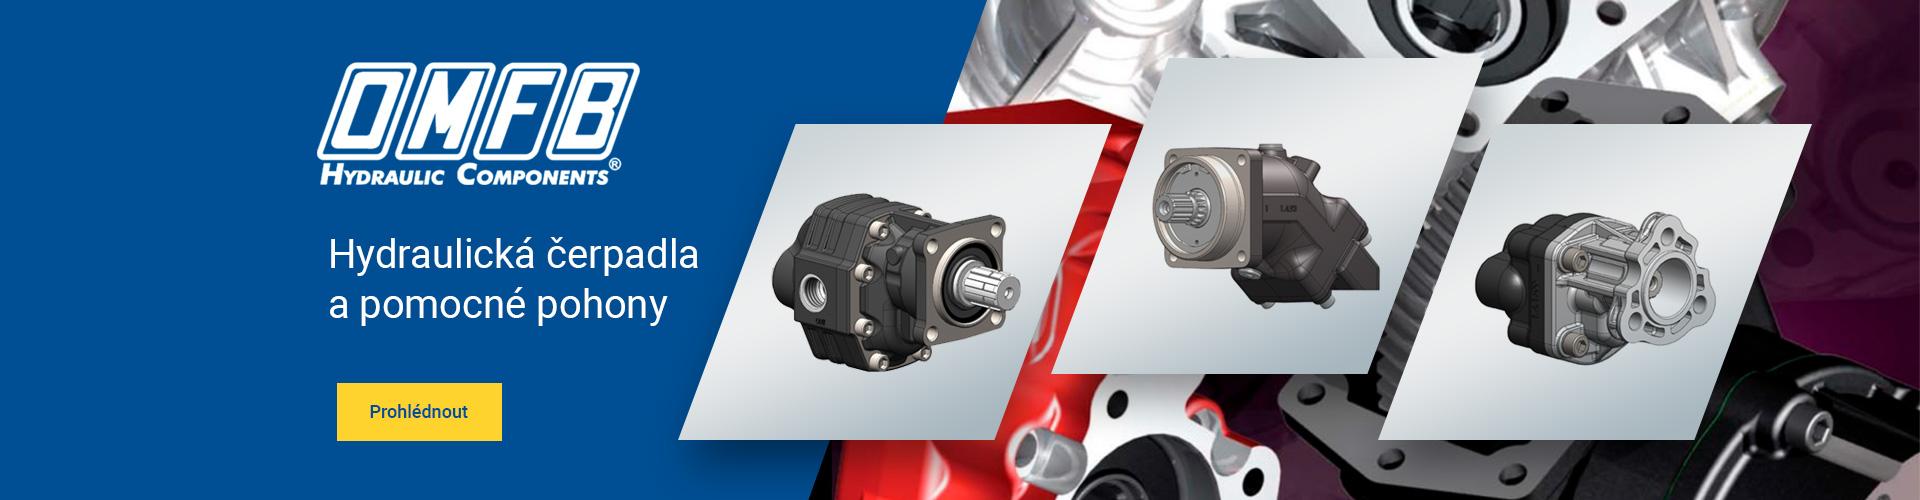 OMFB hydraulická čerpadla